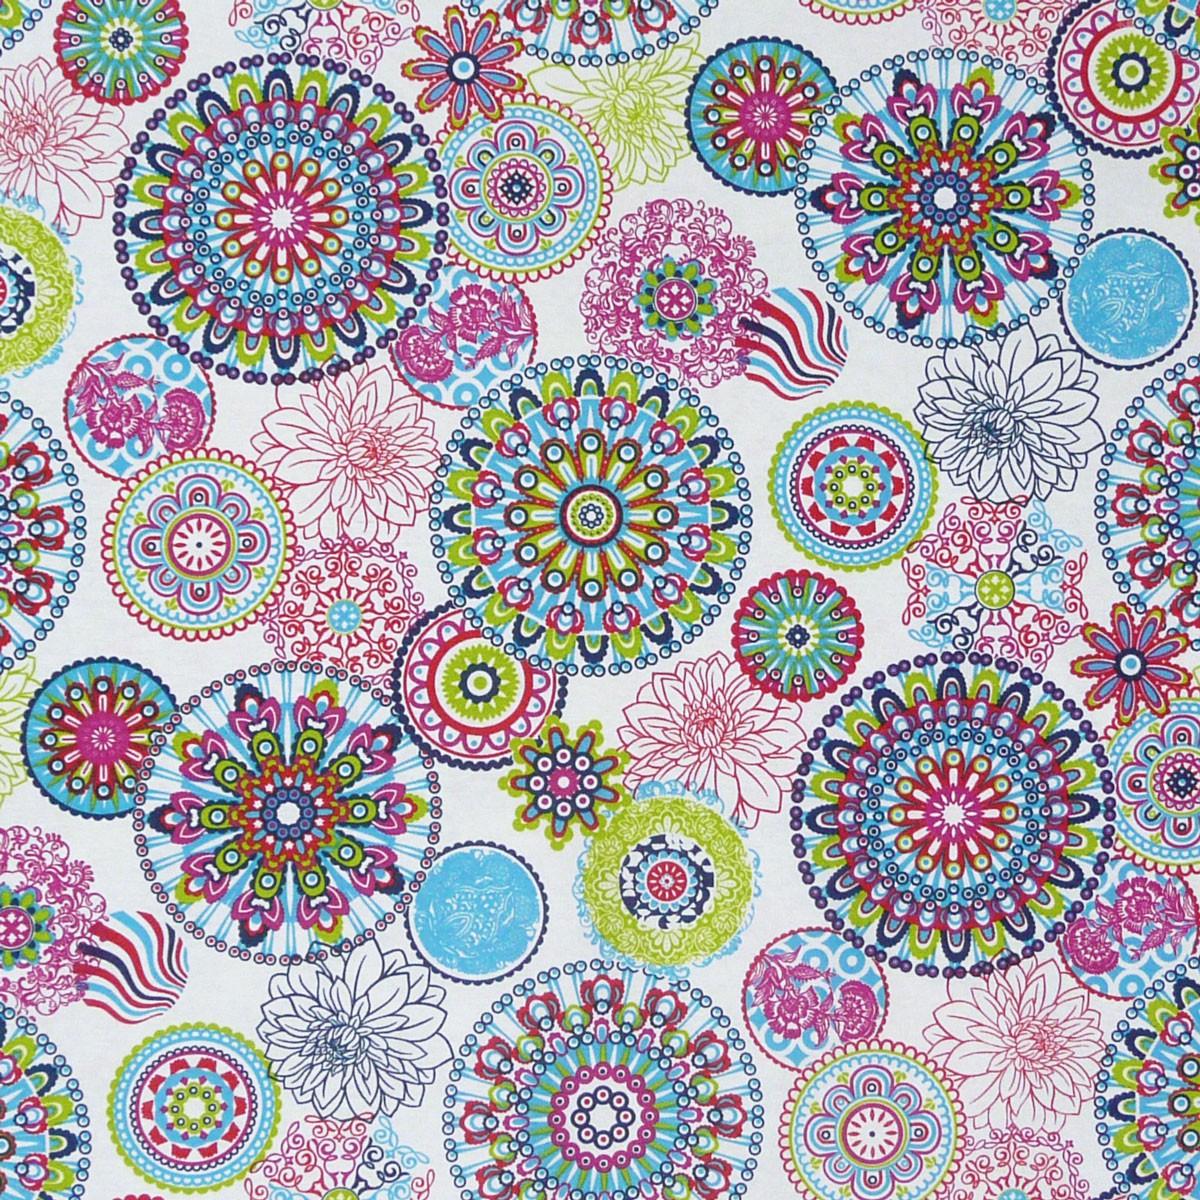 Baumwollstoff Gardinenstoff Dekostoff Blumen Mandala Muster Bunt 2